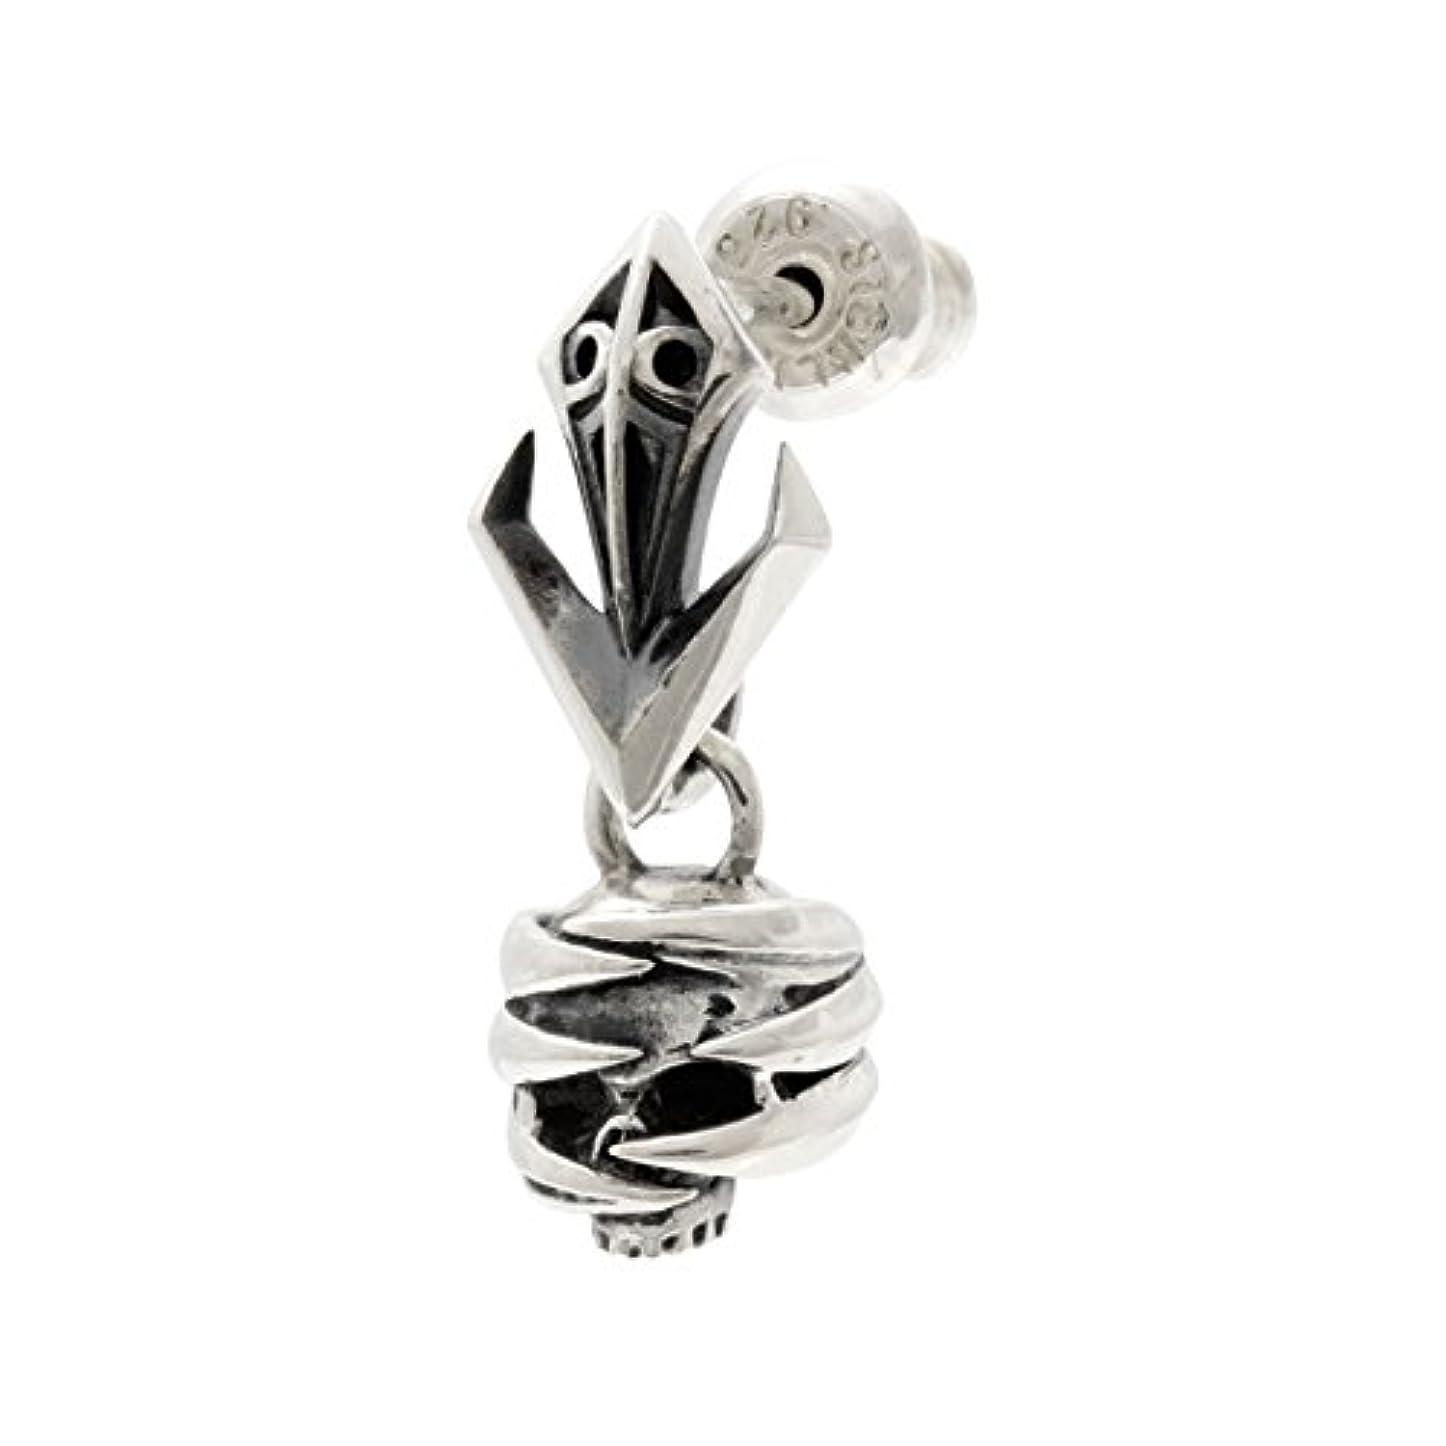 防衛反対した無線[エムズコレクション] M's collection ドロップピアス シルバー テンタクルス スカル 爪痕 ハード メンズ アクセサリー X0314